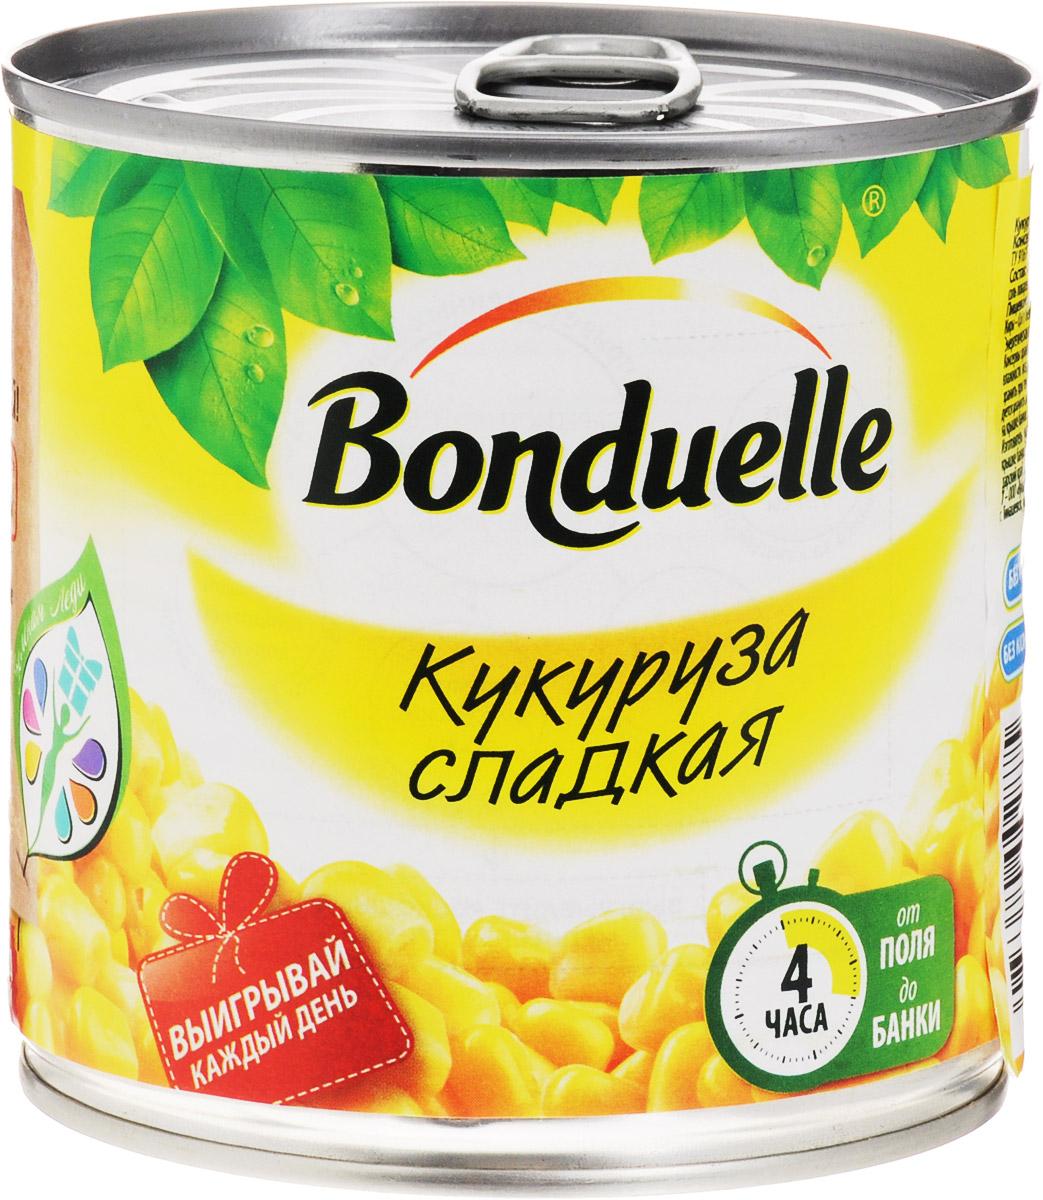 Bonduelle кукуруза сладкая, 340 г2445Настоящая классика Bonduelle - продукты, давно знакомые и востребованные, а значит, их качество проверено временем и подтверждено любовью миллионов хозяек и поваров. Без них невозможно представить ни один стол нашей страны, а особенно праздничное меню, где обязательно имеются салаты с зеленым горошком и кукурузой.Уважаемые клиенты! Обращаем ваше внимание, что полный перечень состава продукта представлен на дополнительном изображении.